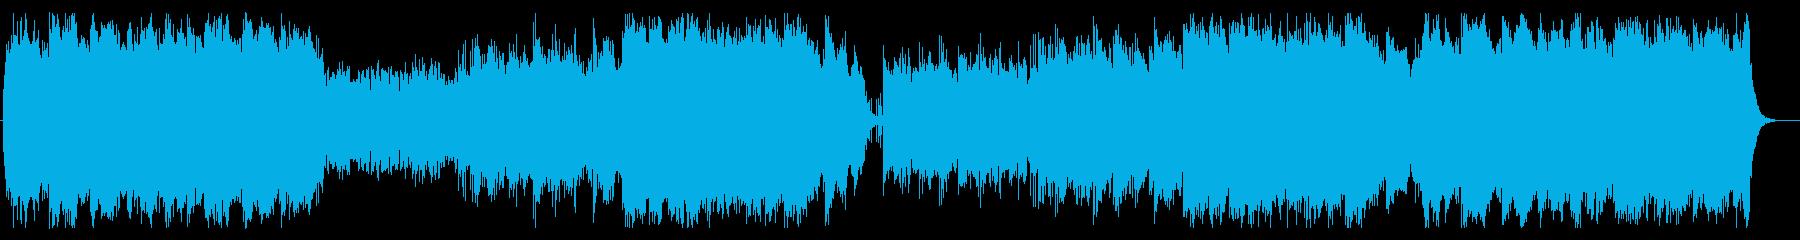 トランペットが始まりを知らせる荘厳な曲の再生済みの波形